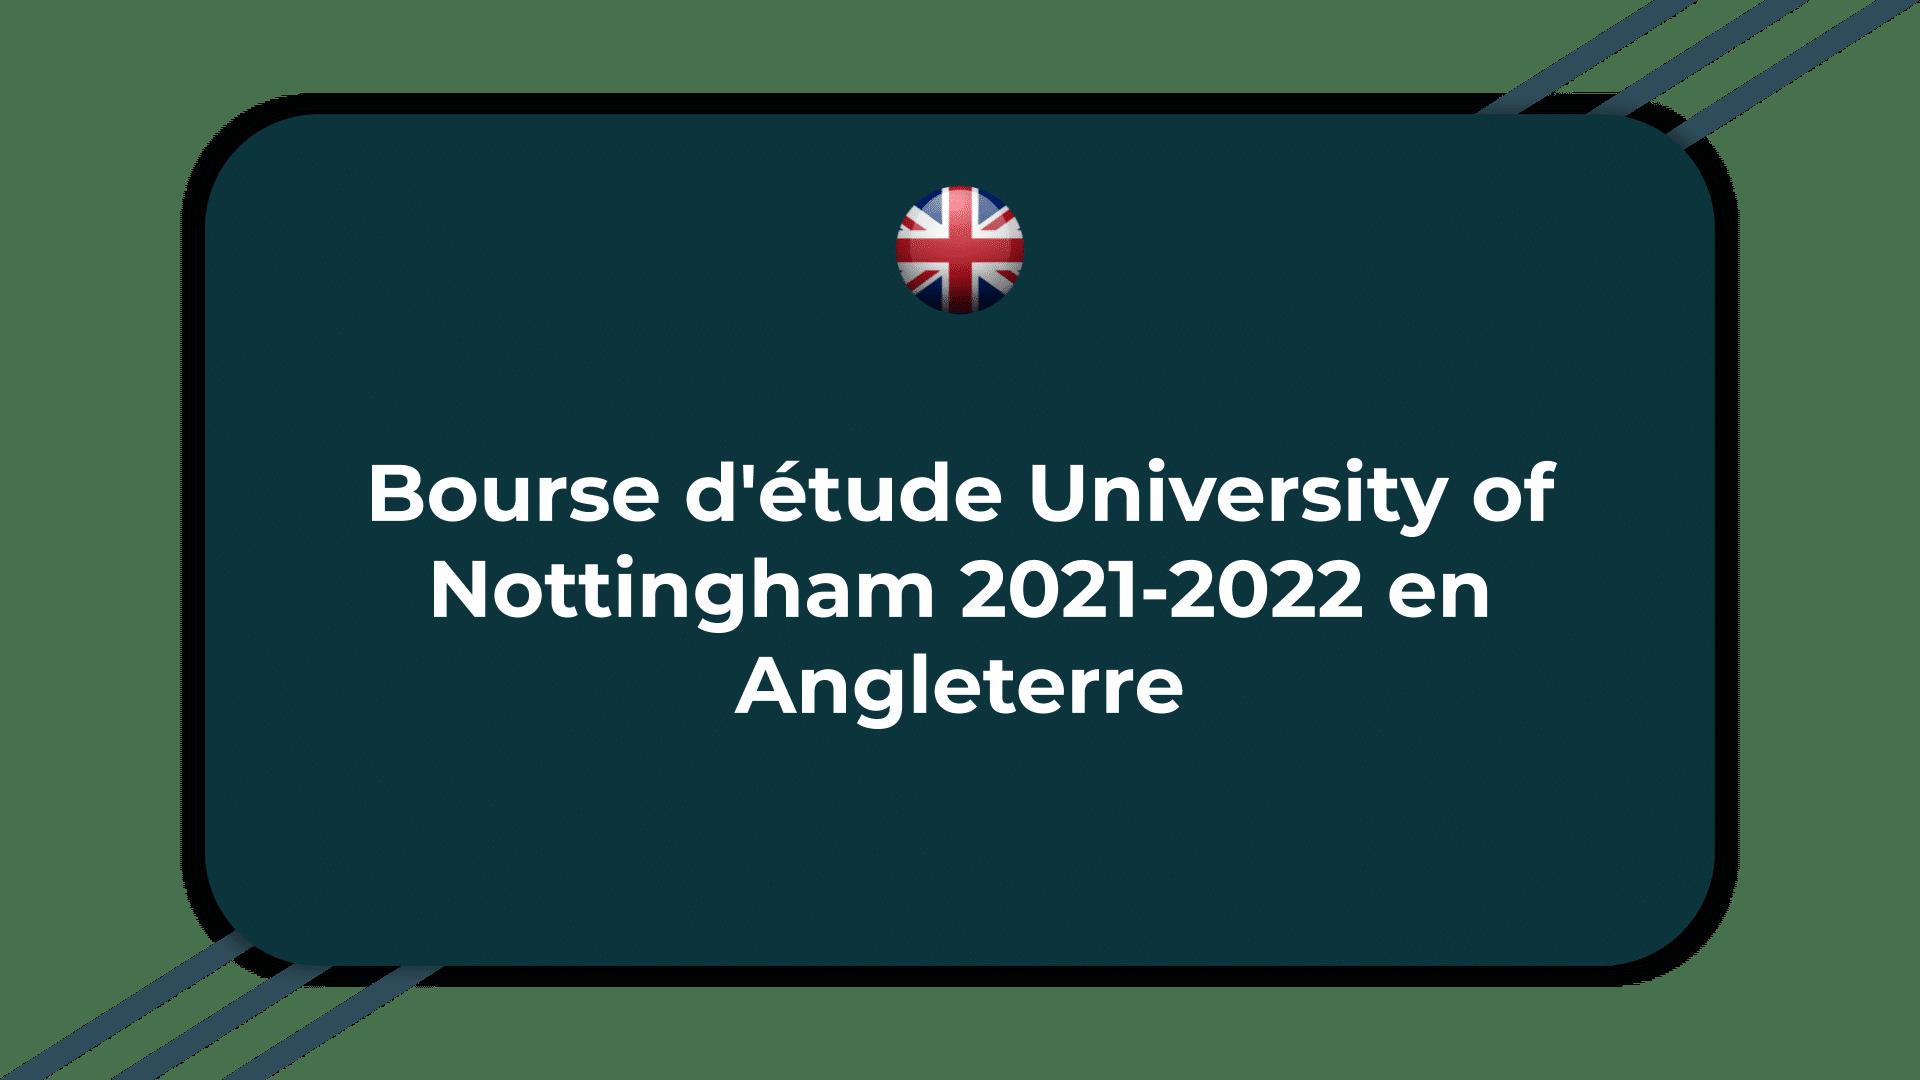 Bourse d'étude University of Nottingham